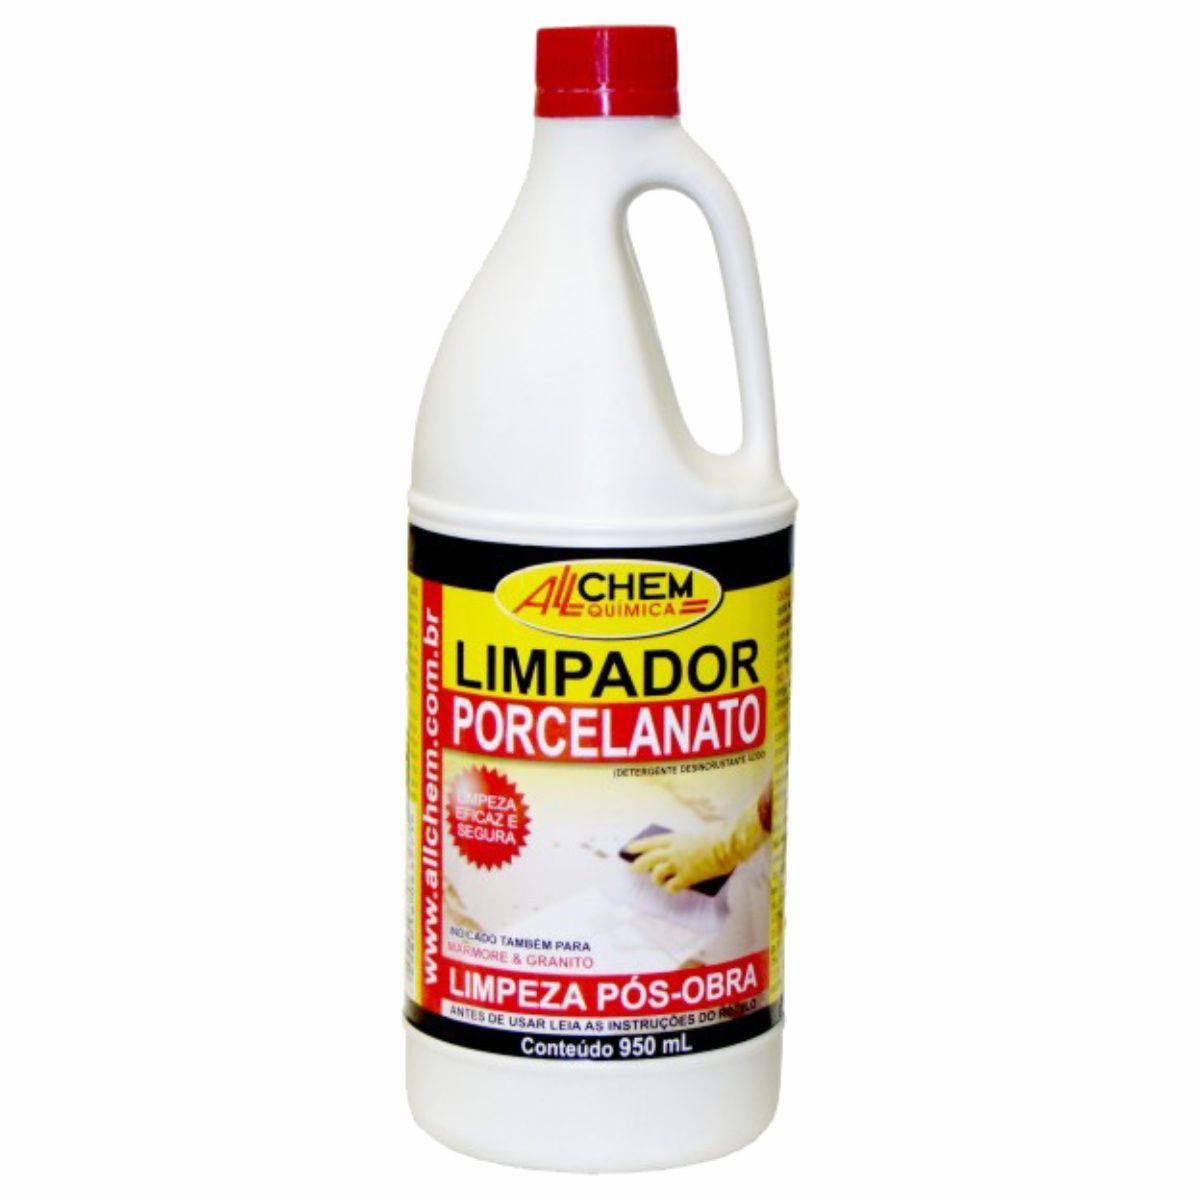 limpador-porcelanato-pos-obra-allchem